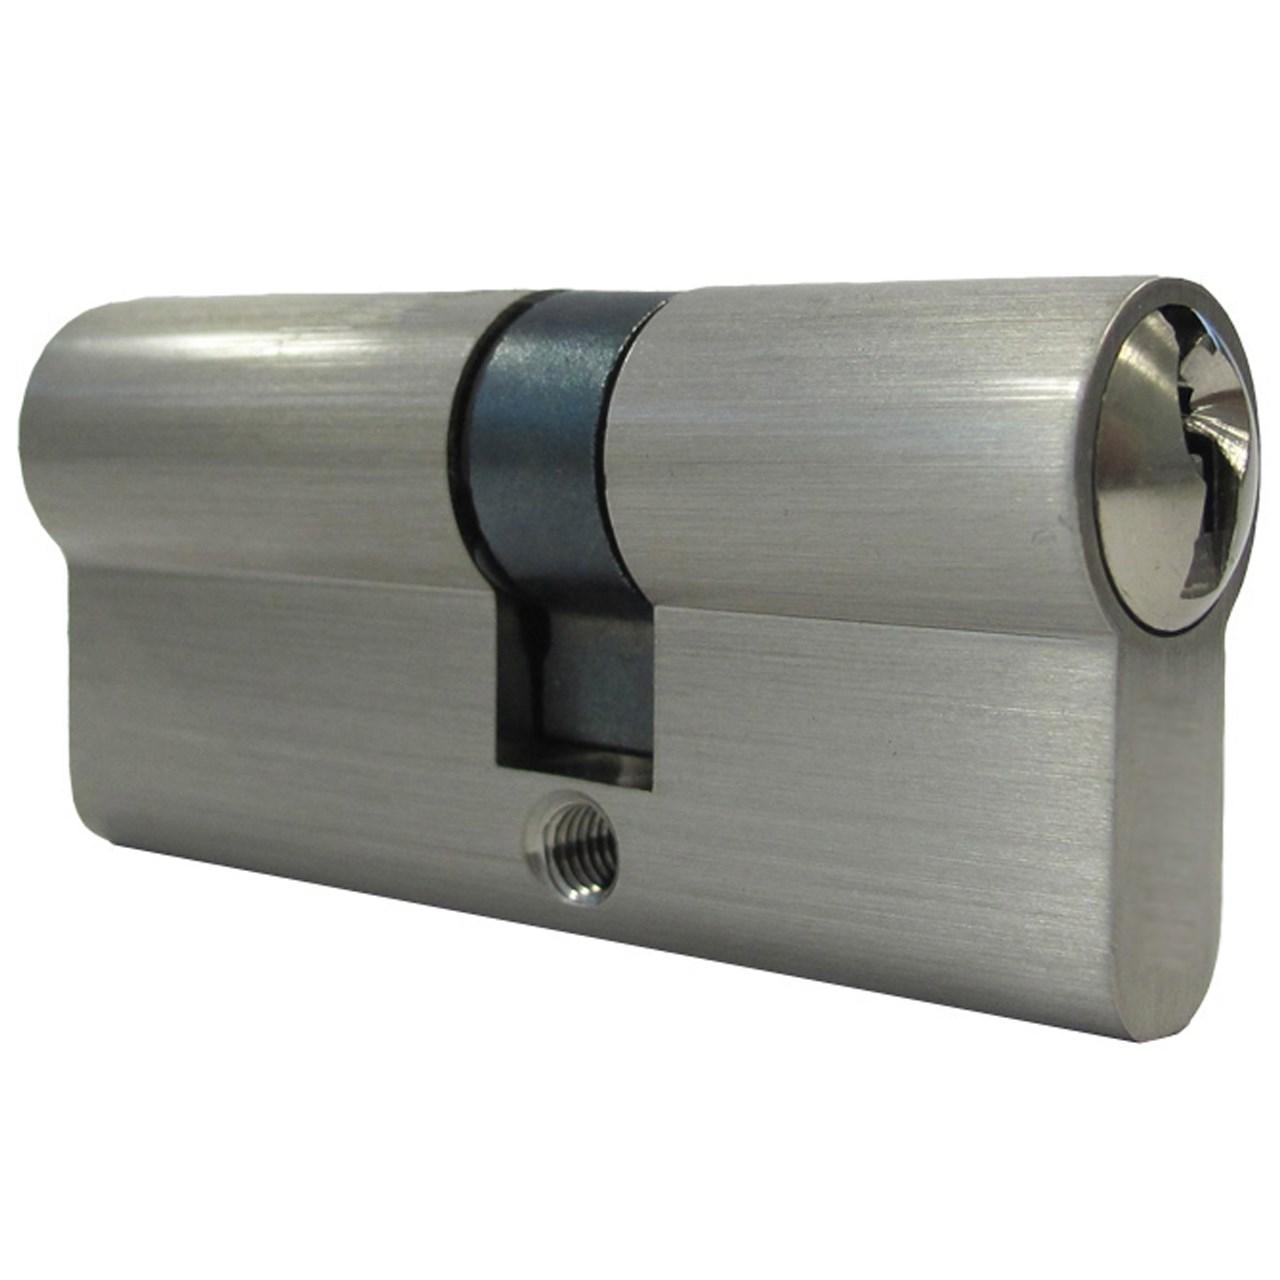 سیلندر قفل صامو پرشین مدل G 874